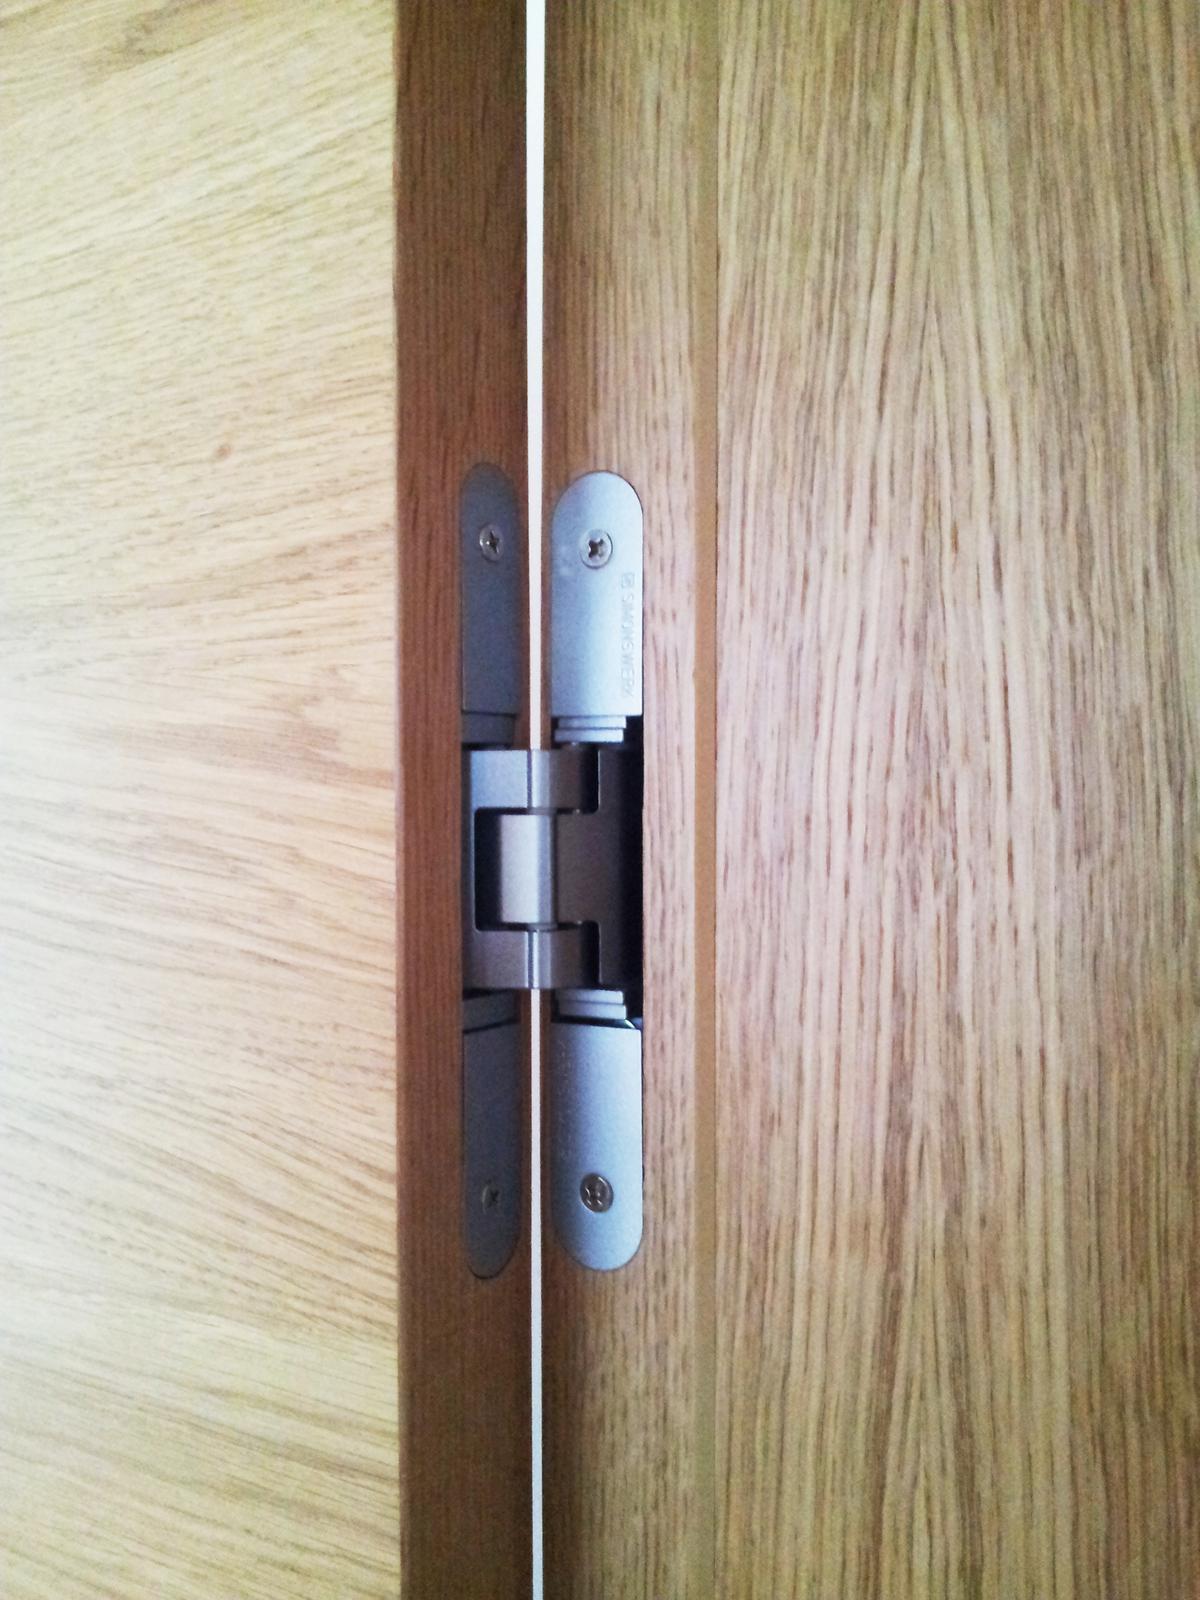 Dizajn a výroba nábytku na mieru Cubica - Bezfalcové interiérové dvere - detail pántu - dizajn a výroba cubica